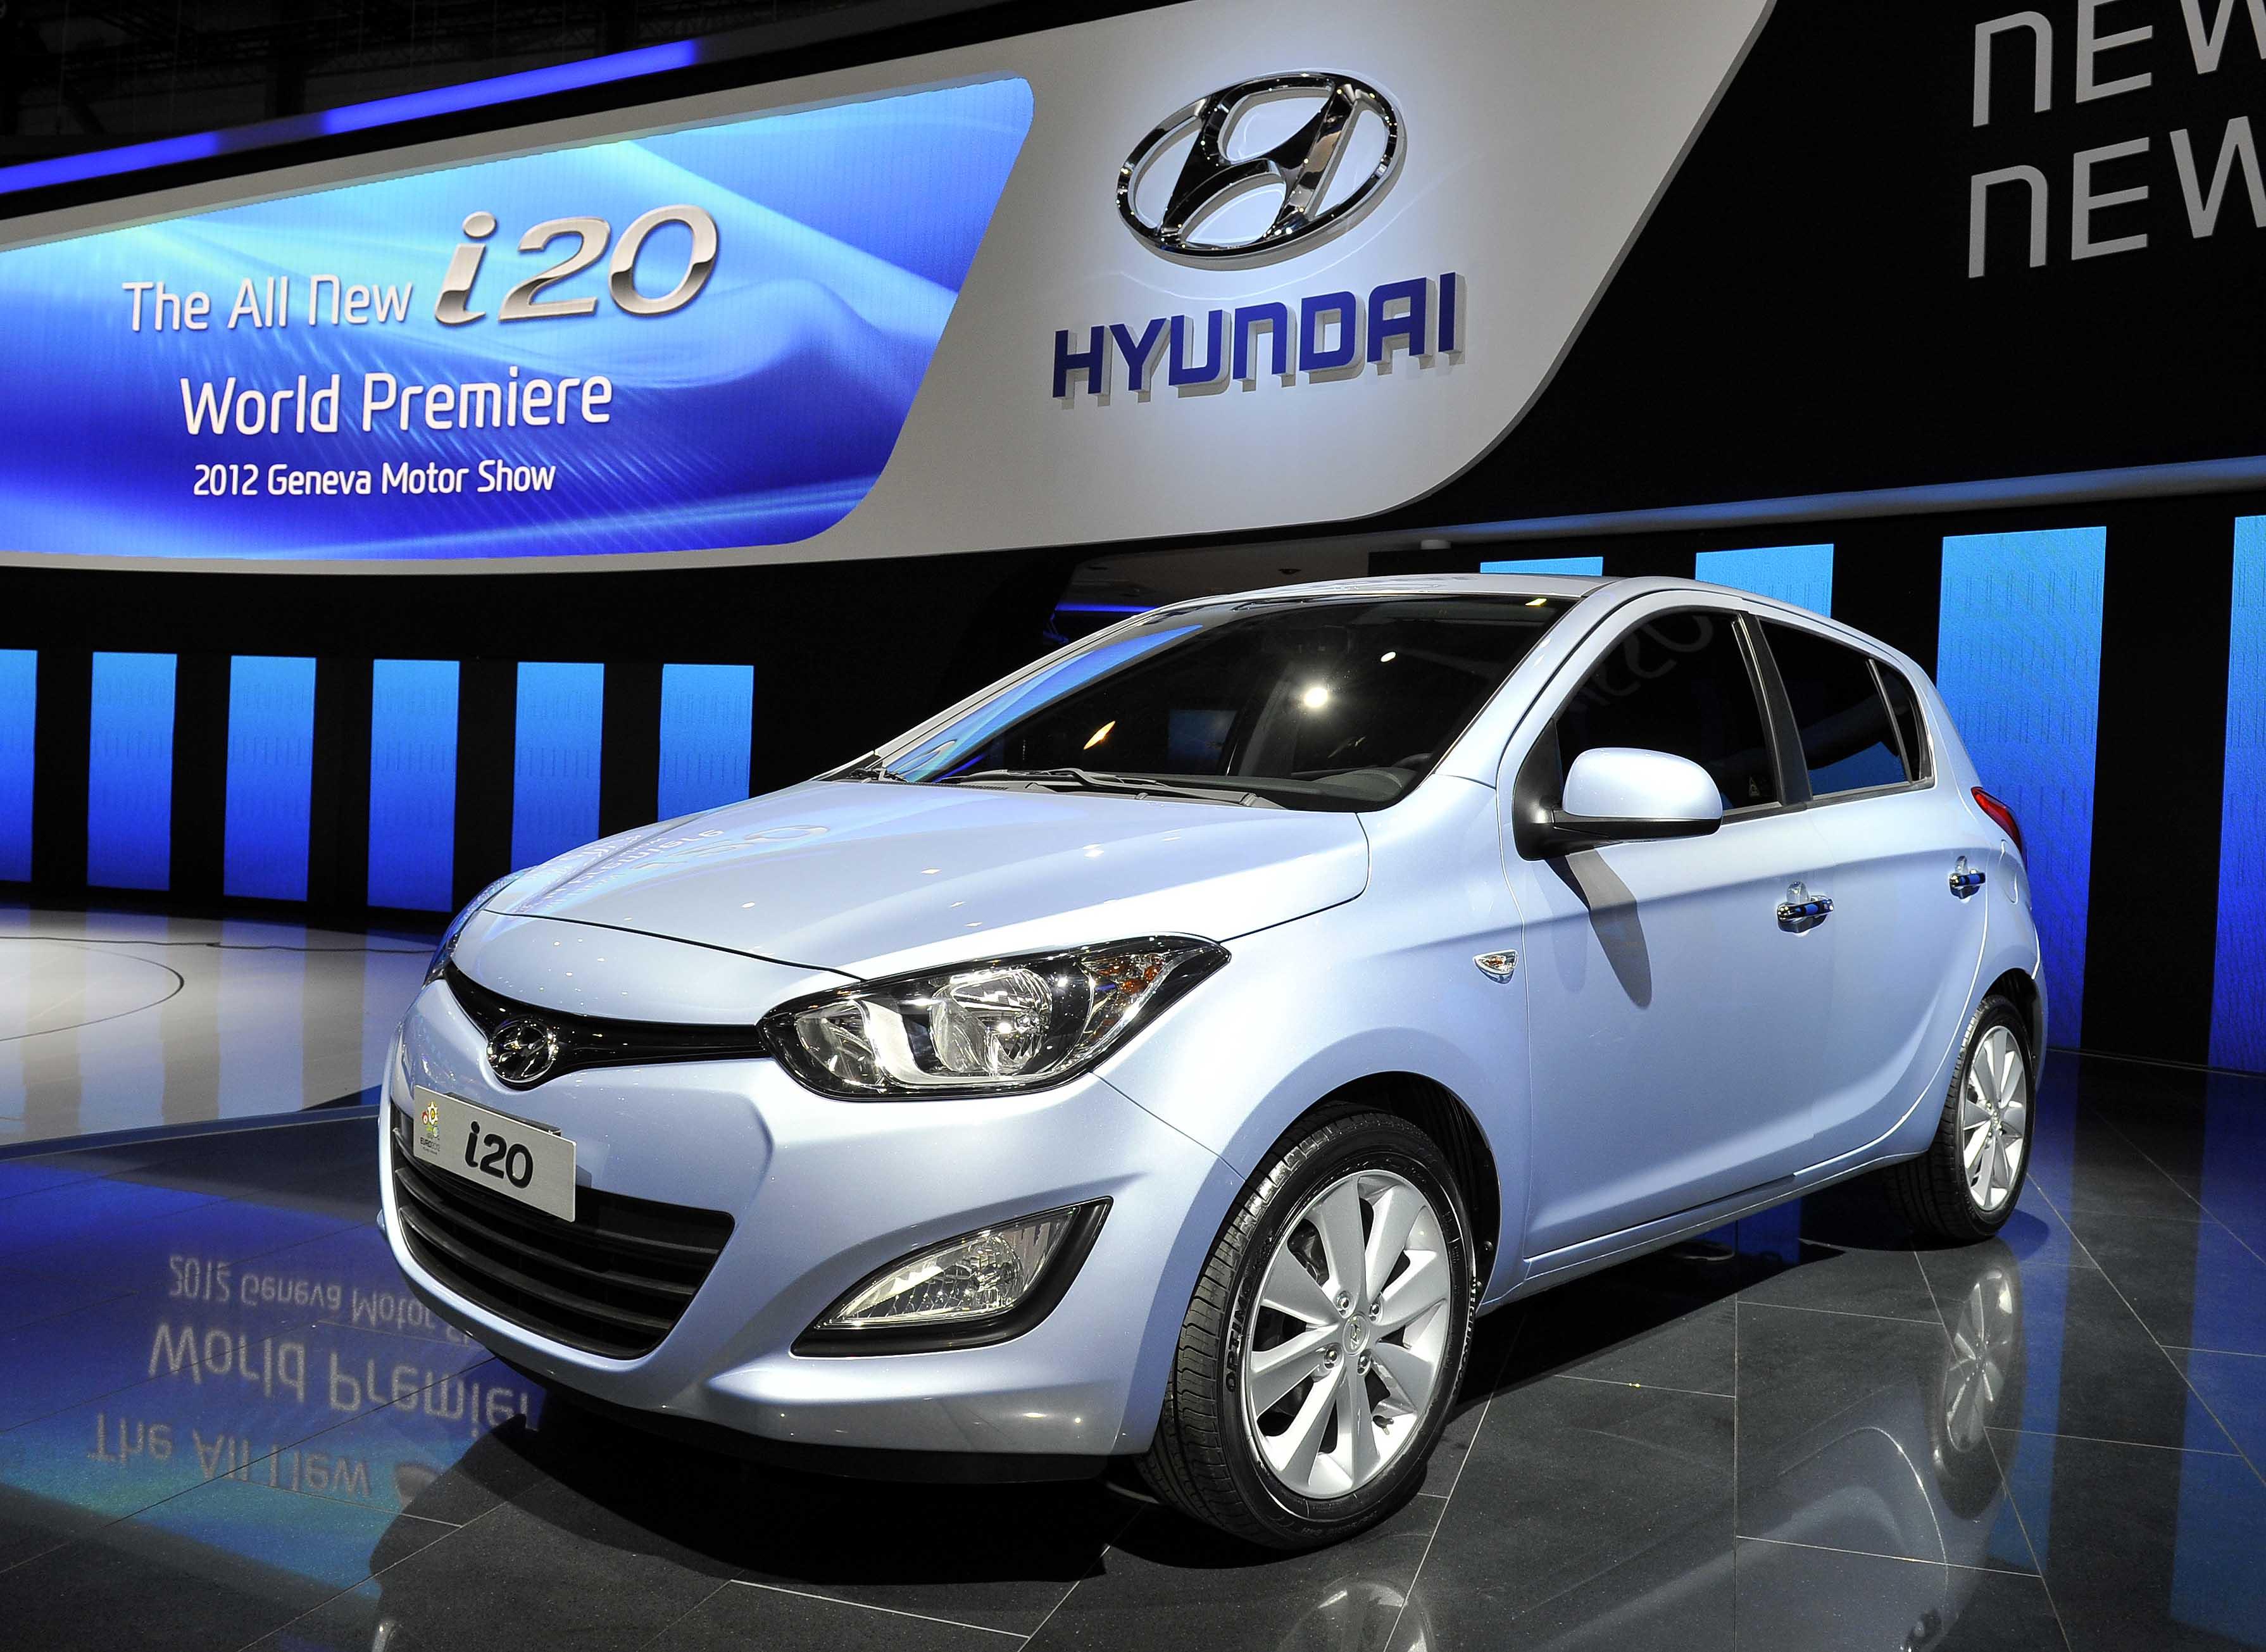 2012 Geneva Motor Show Hyundai Booth All New I20 3